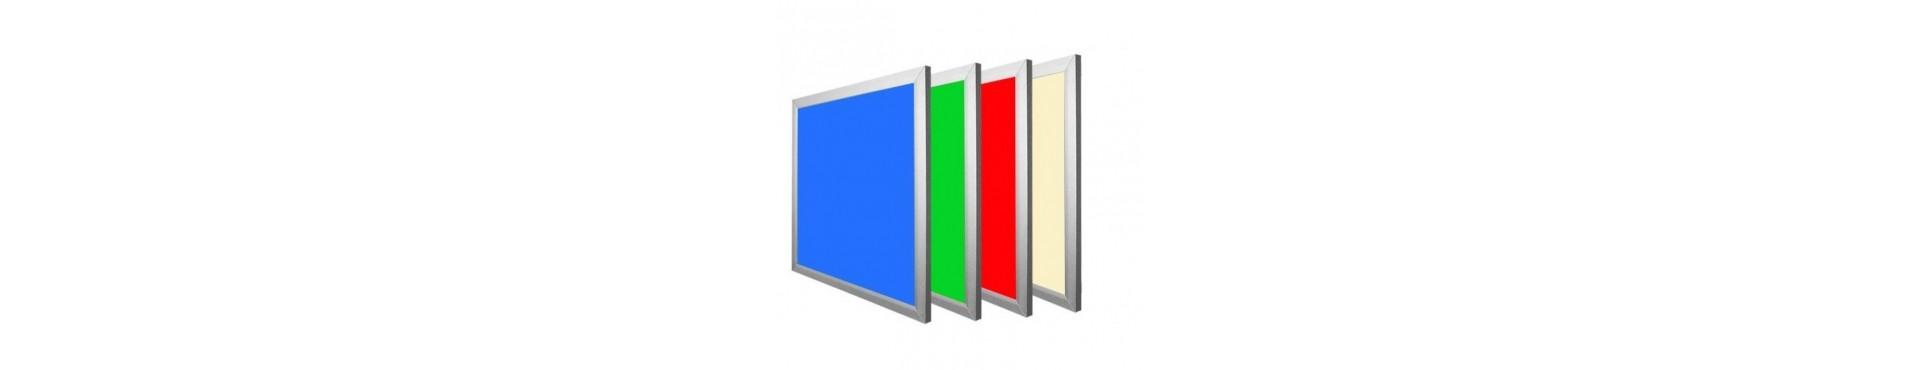 RGBW Led panel